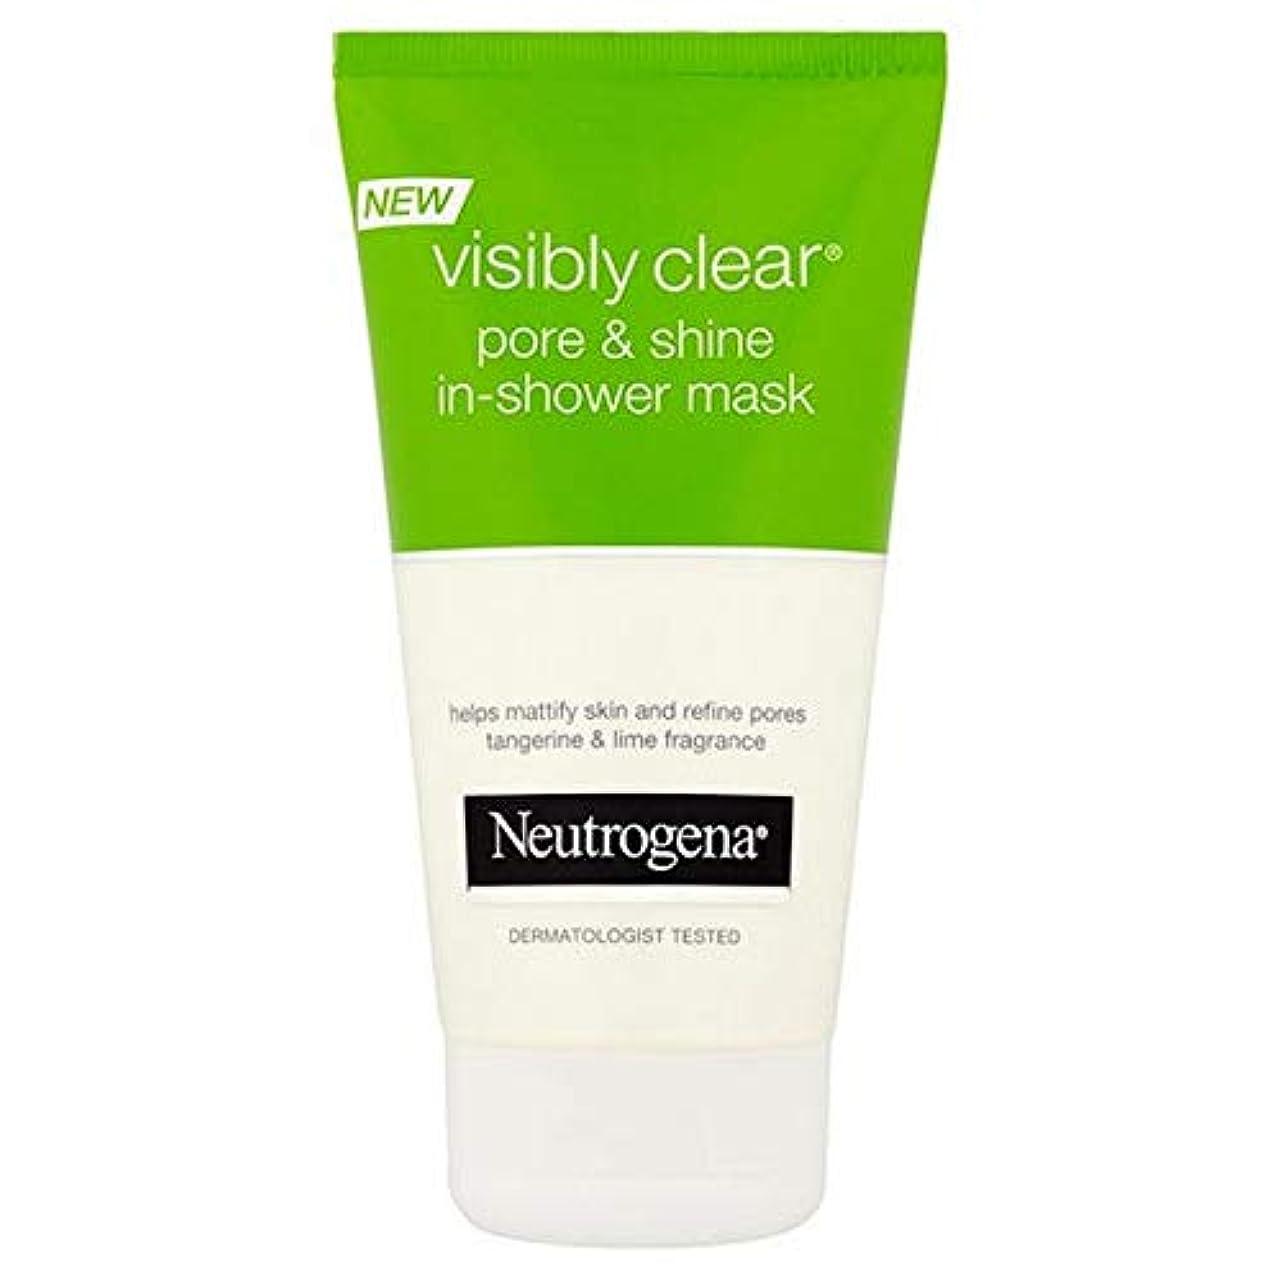 宇宙出発ローン[Neutrogena] シャワーマスク150ミリリットルでニュートロジーナ目に見えて明らかポア&輝き - Neutrogena Visibly Clear Pore & Shine In Shower Mask 150ml...